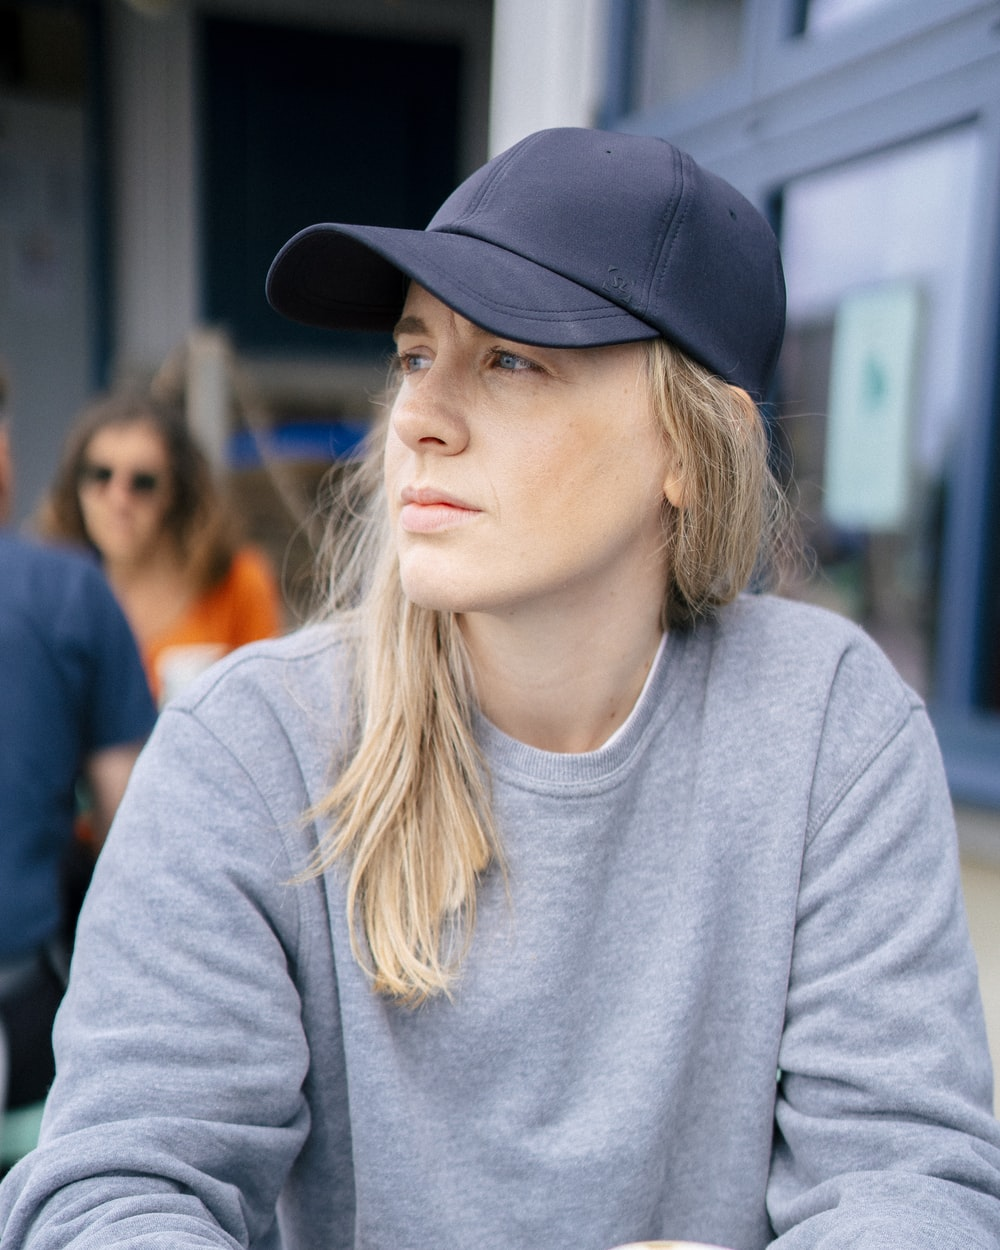 woman in gray sweater wearing black cap